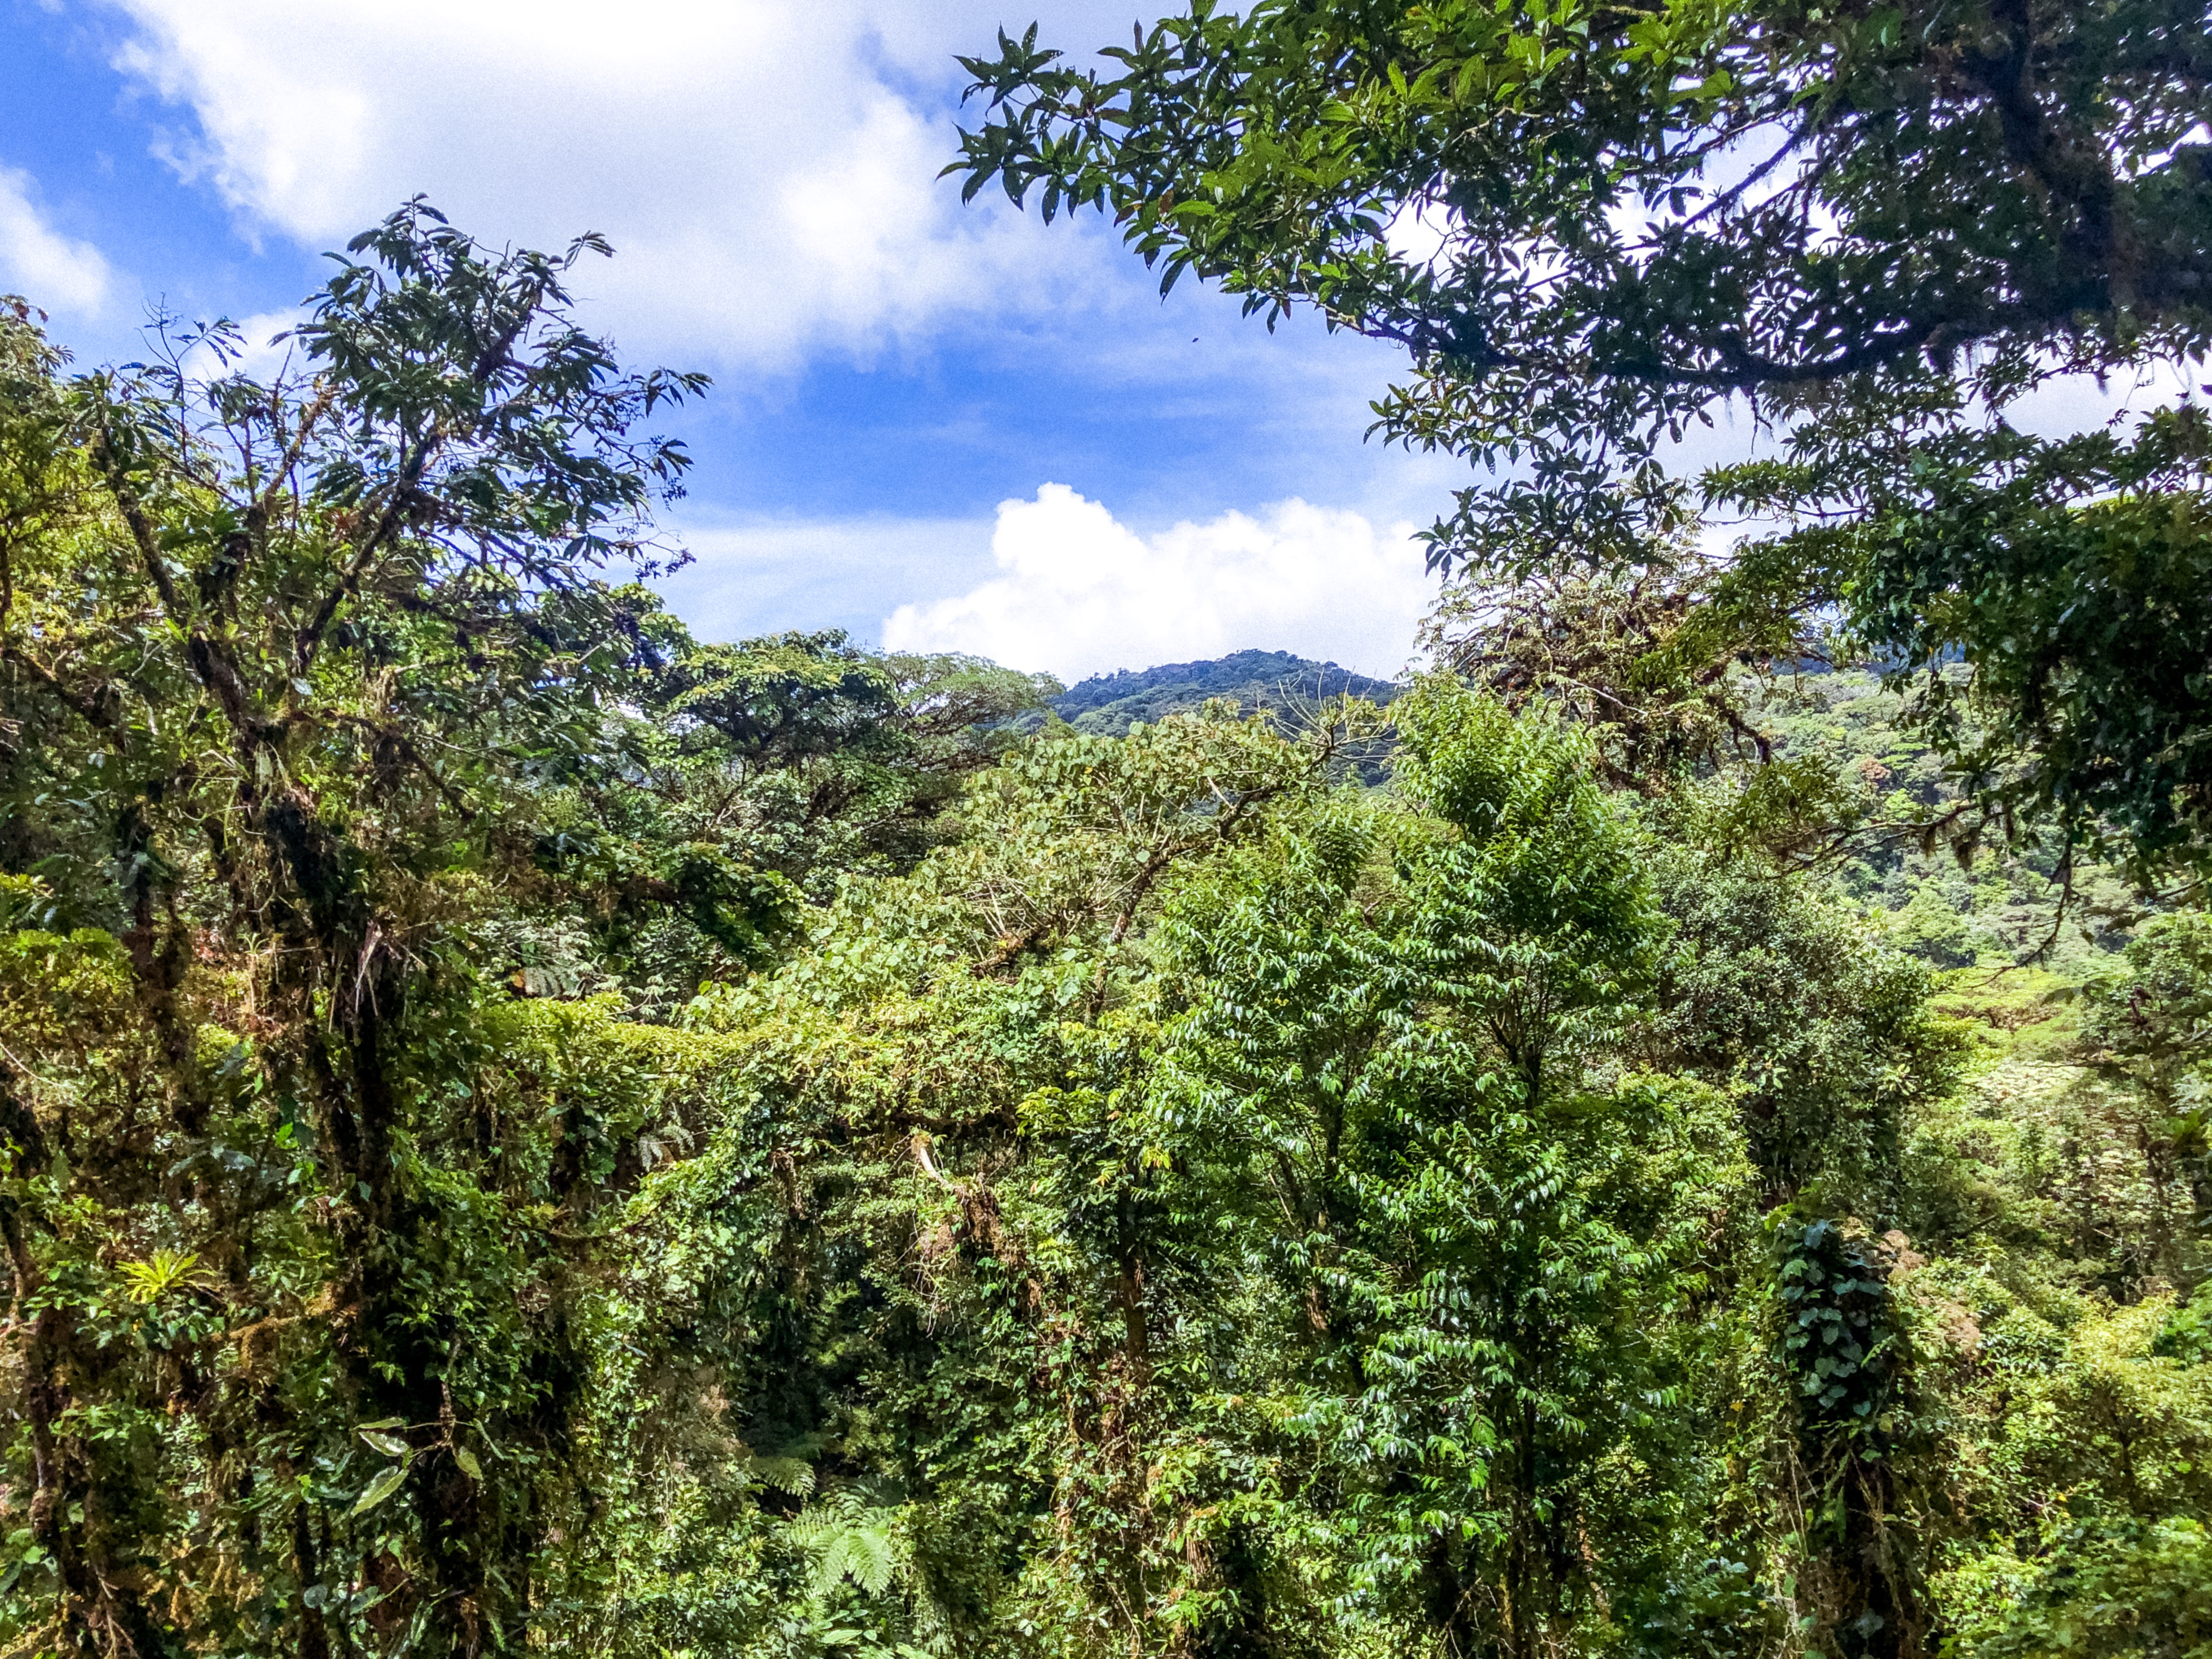 viaggio-in-costa-rica-cosa-vedere-in-costa-rica-monteverde